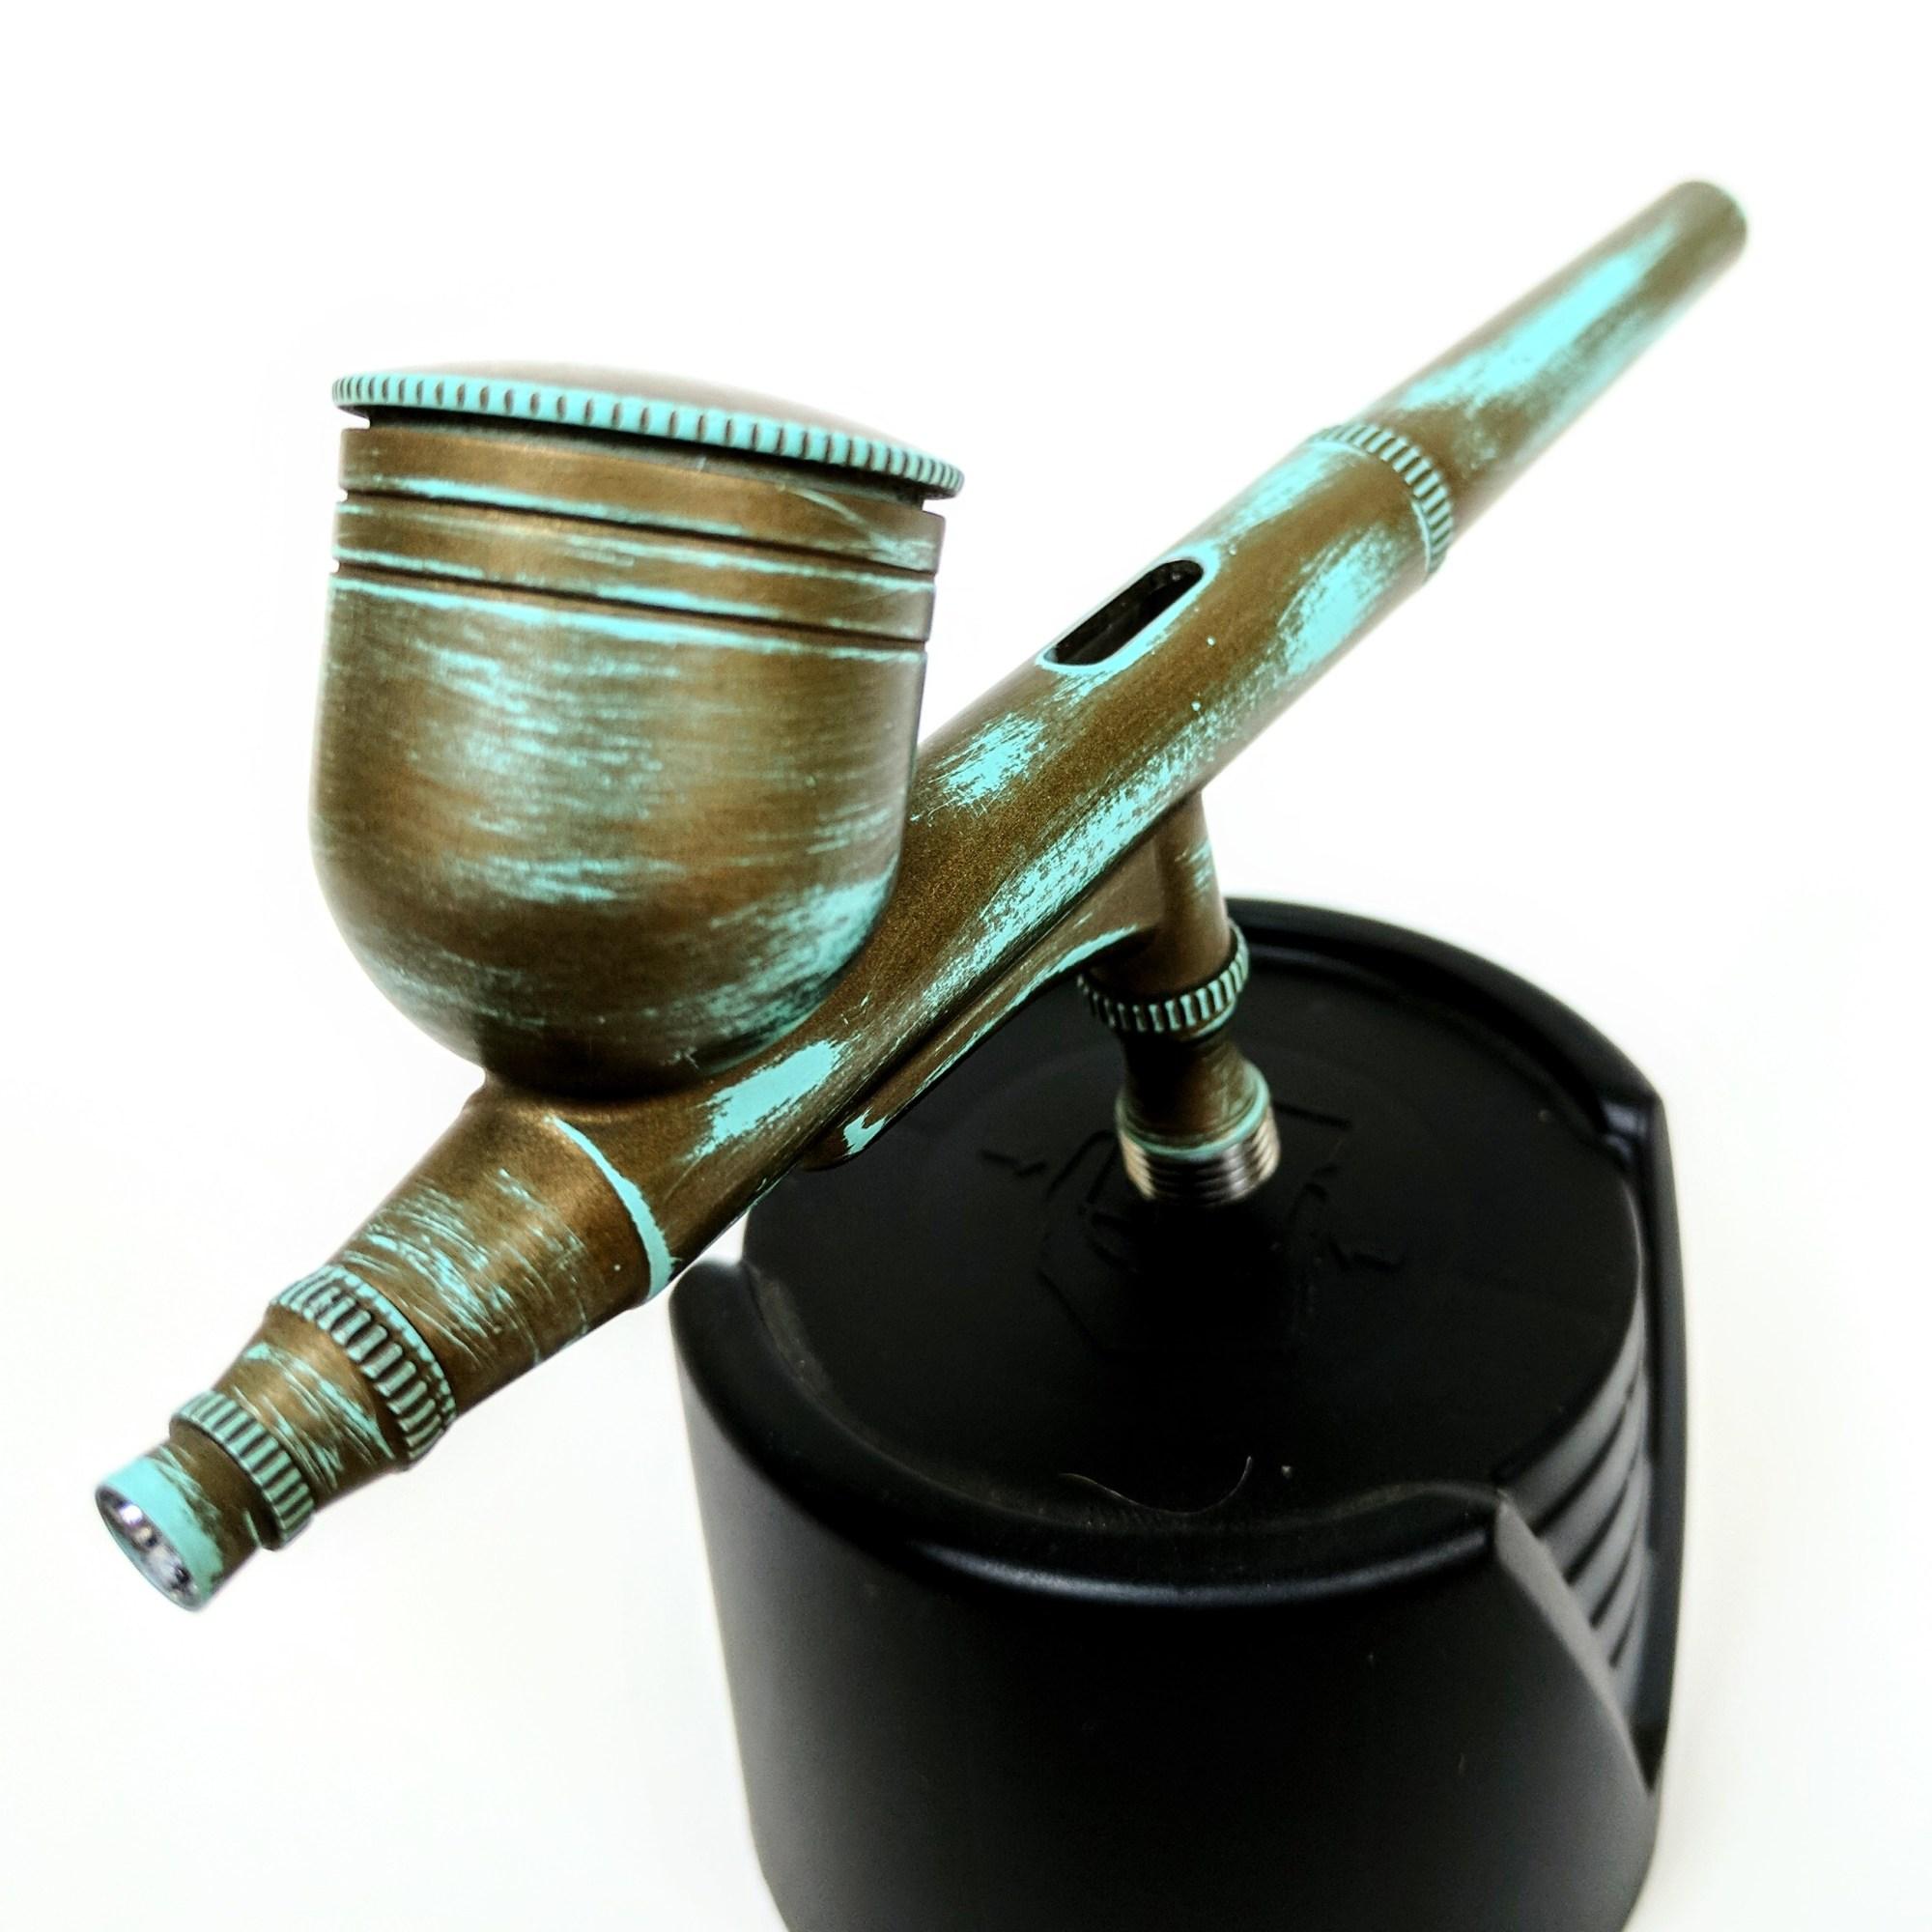 Robin egg blue burnt bronze cerakote airtbrush